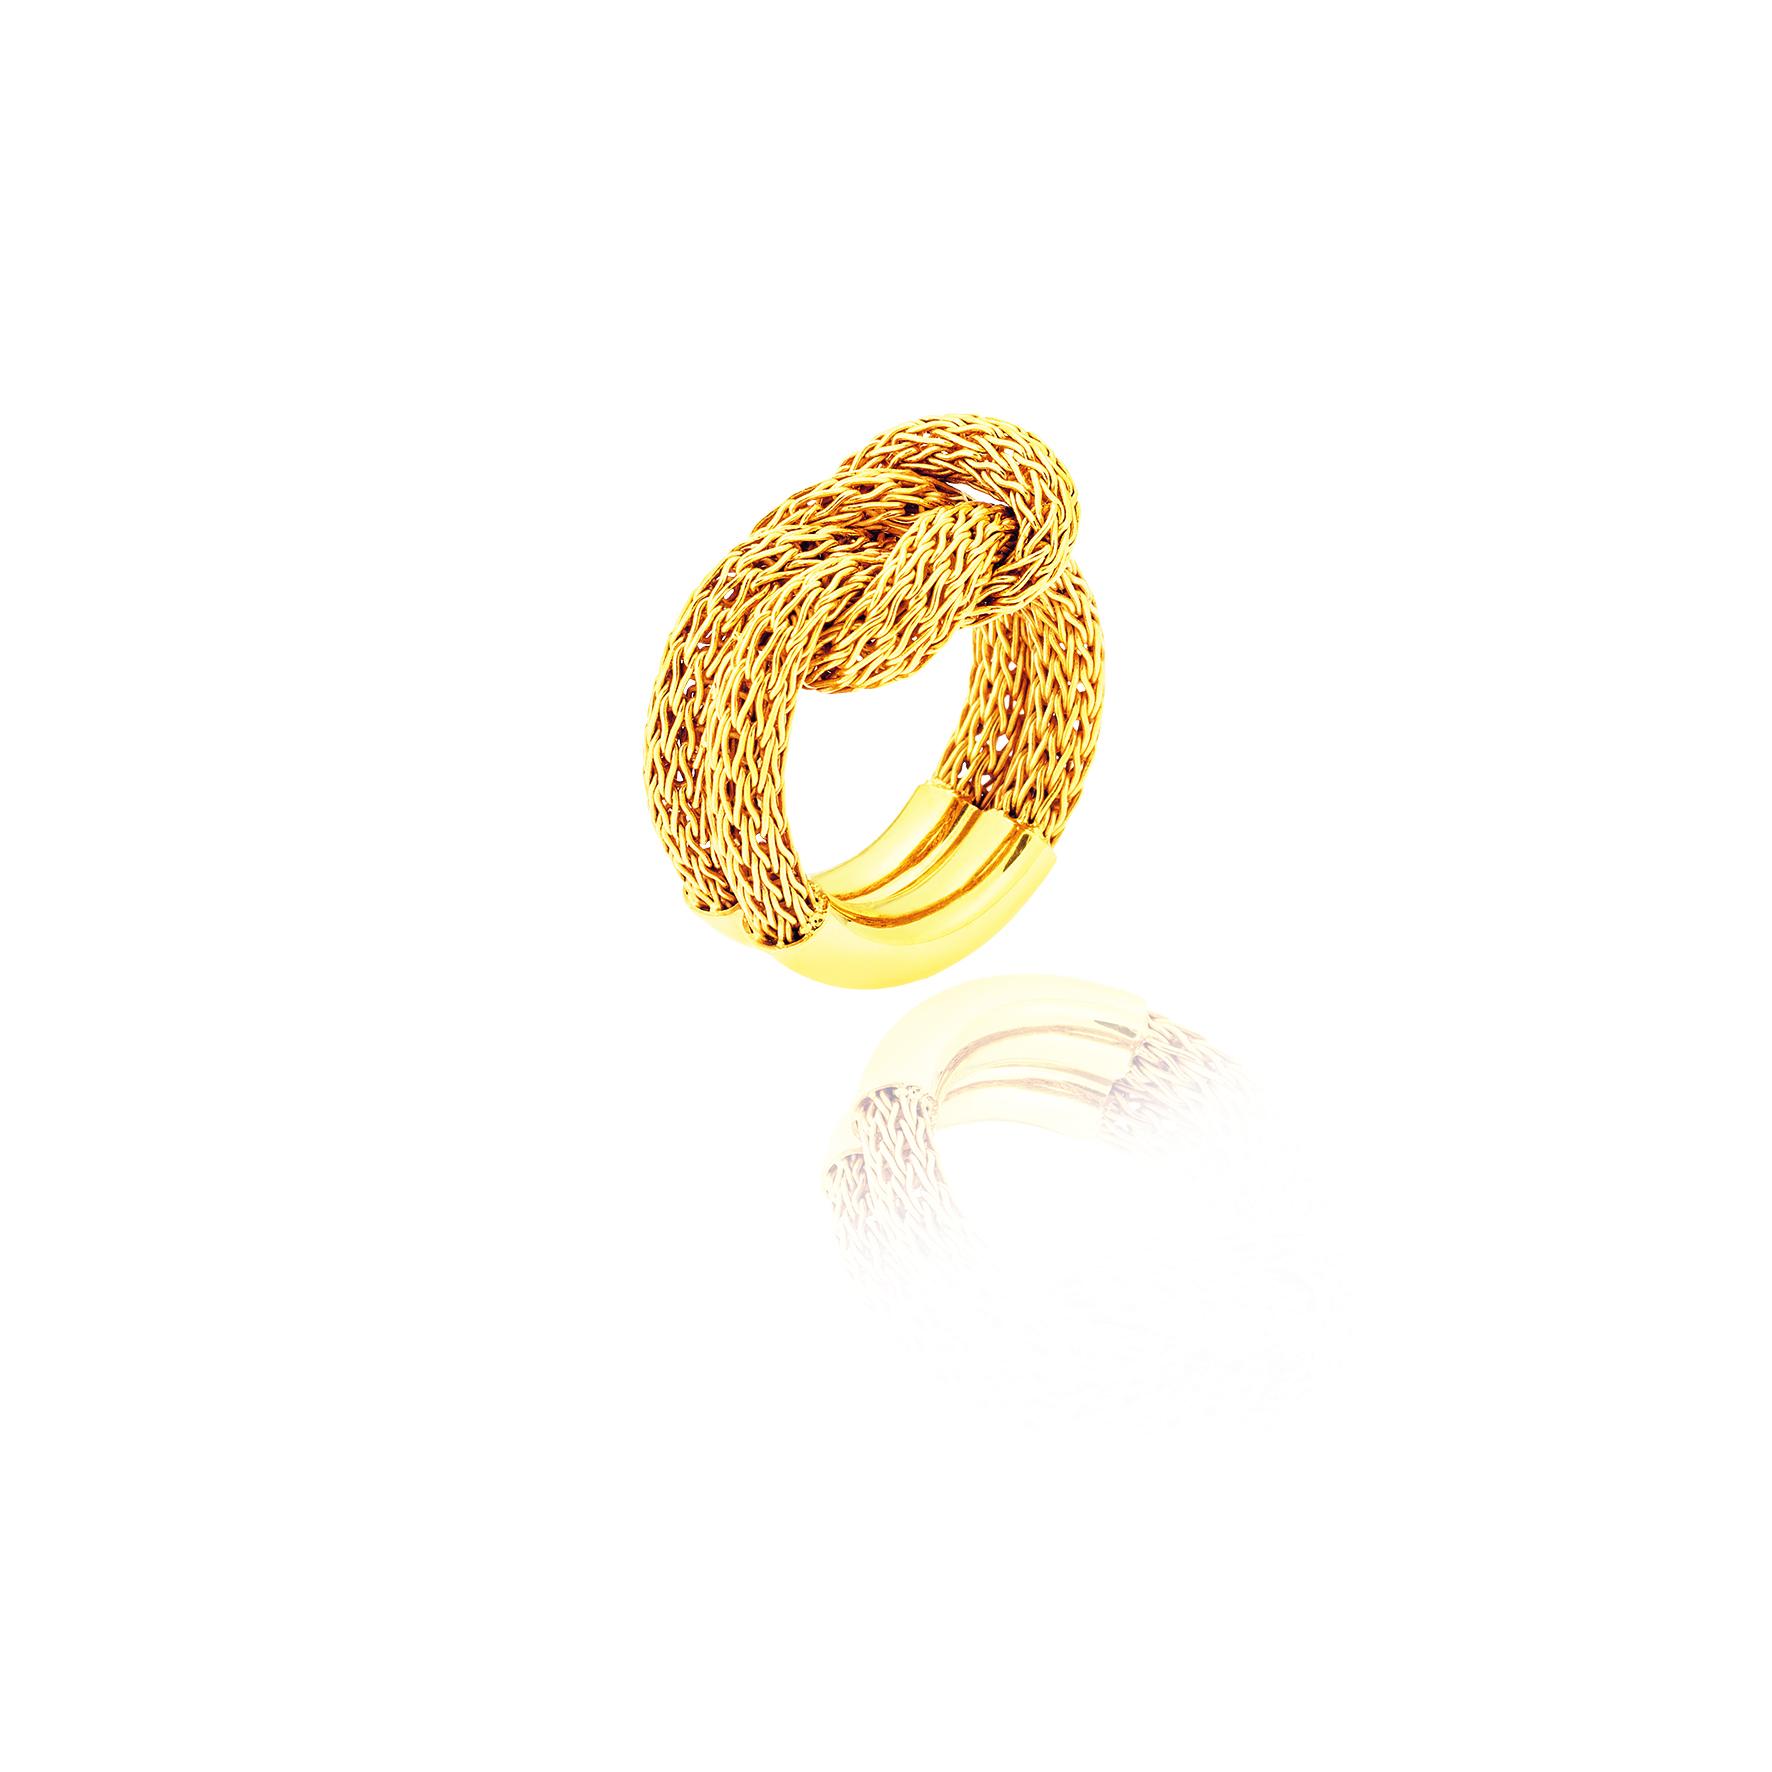 Τα ελληνικά κοσμήματα που φορά η παγκόσμια ελίτ - Marie Claire a526c1a5bdb